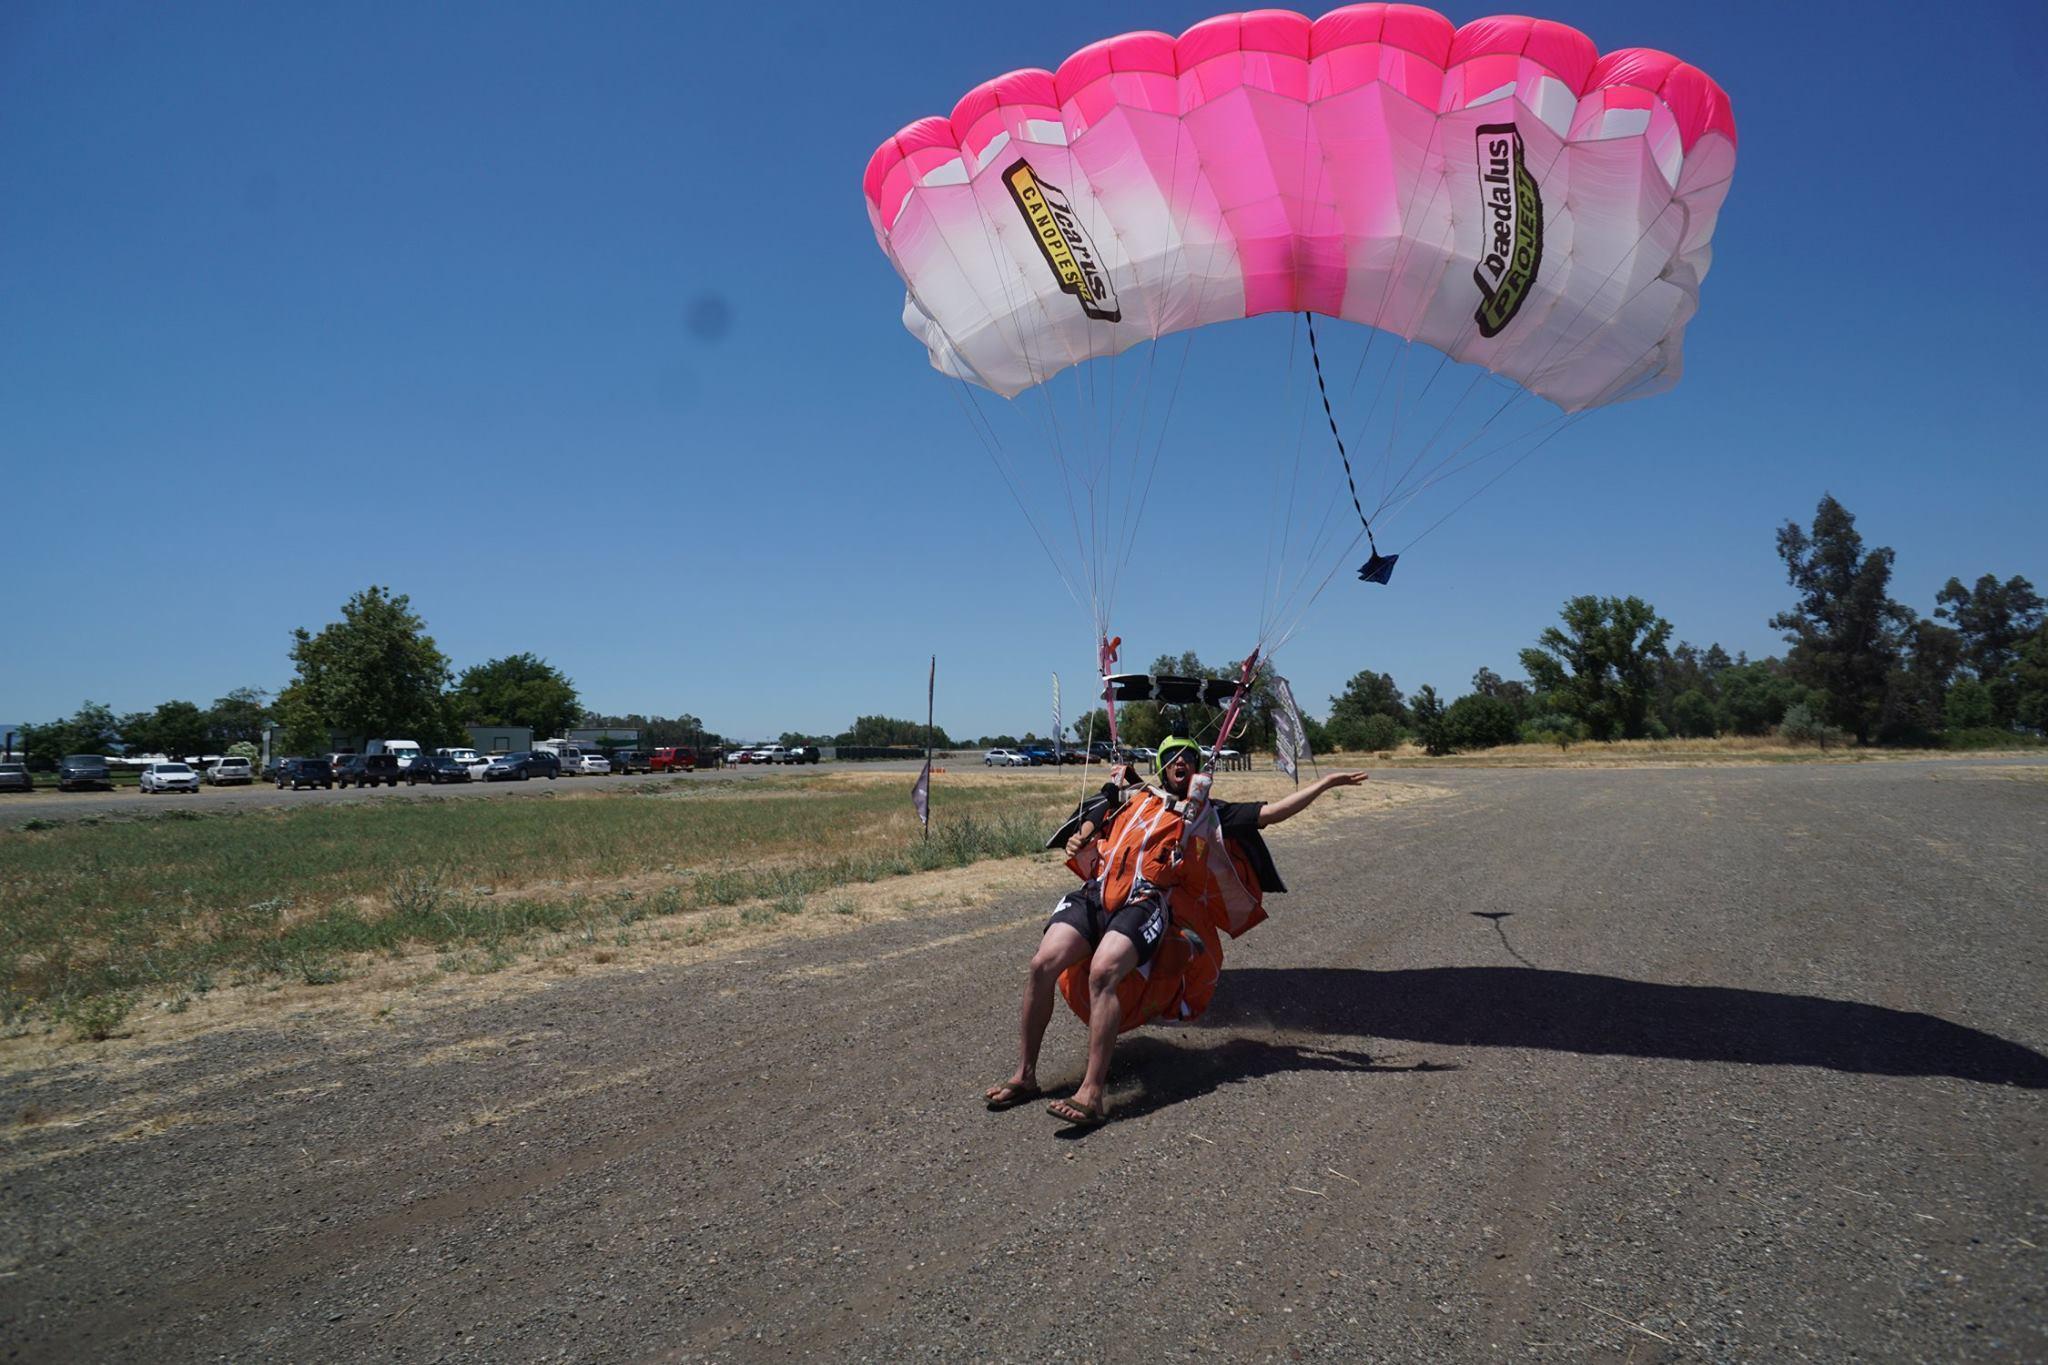 Photo of Kraken with TJ Landgren flying.jpg